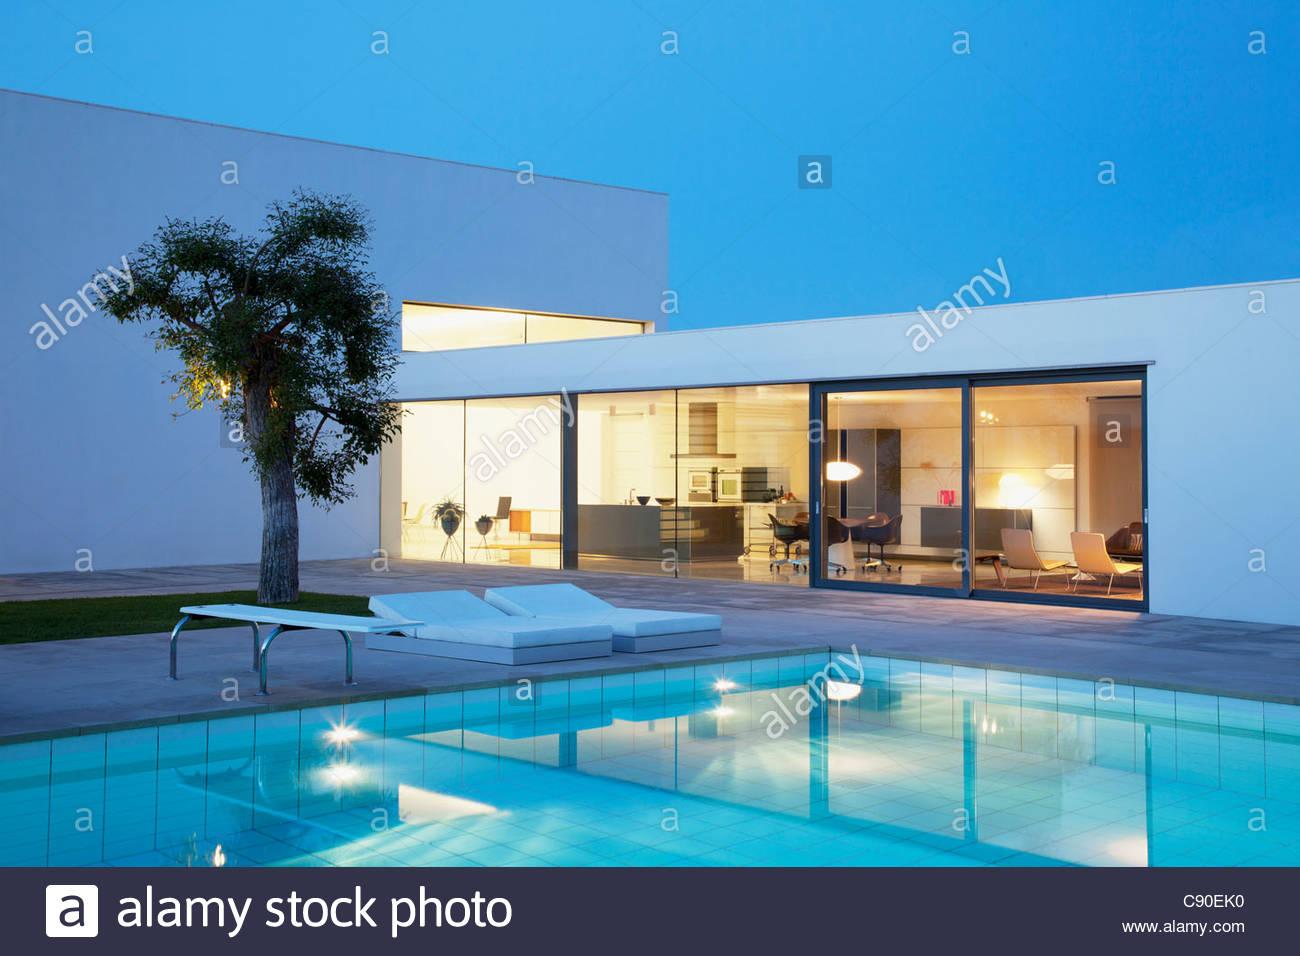 Pool außen modernes Haus in der Nacht Stockfoto, Bild: 39964148 - Alamy